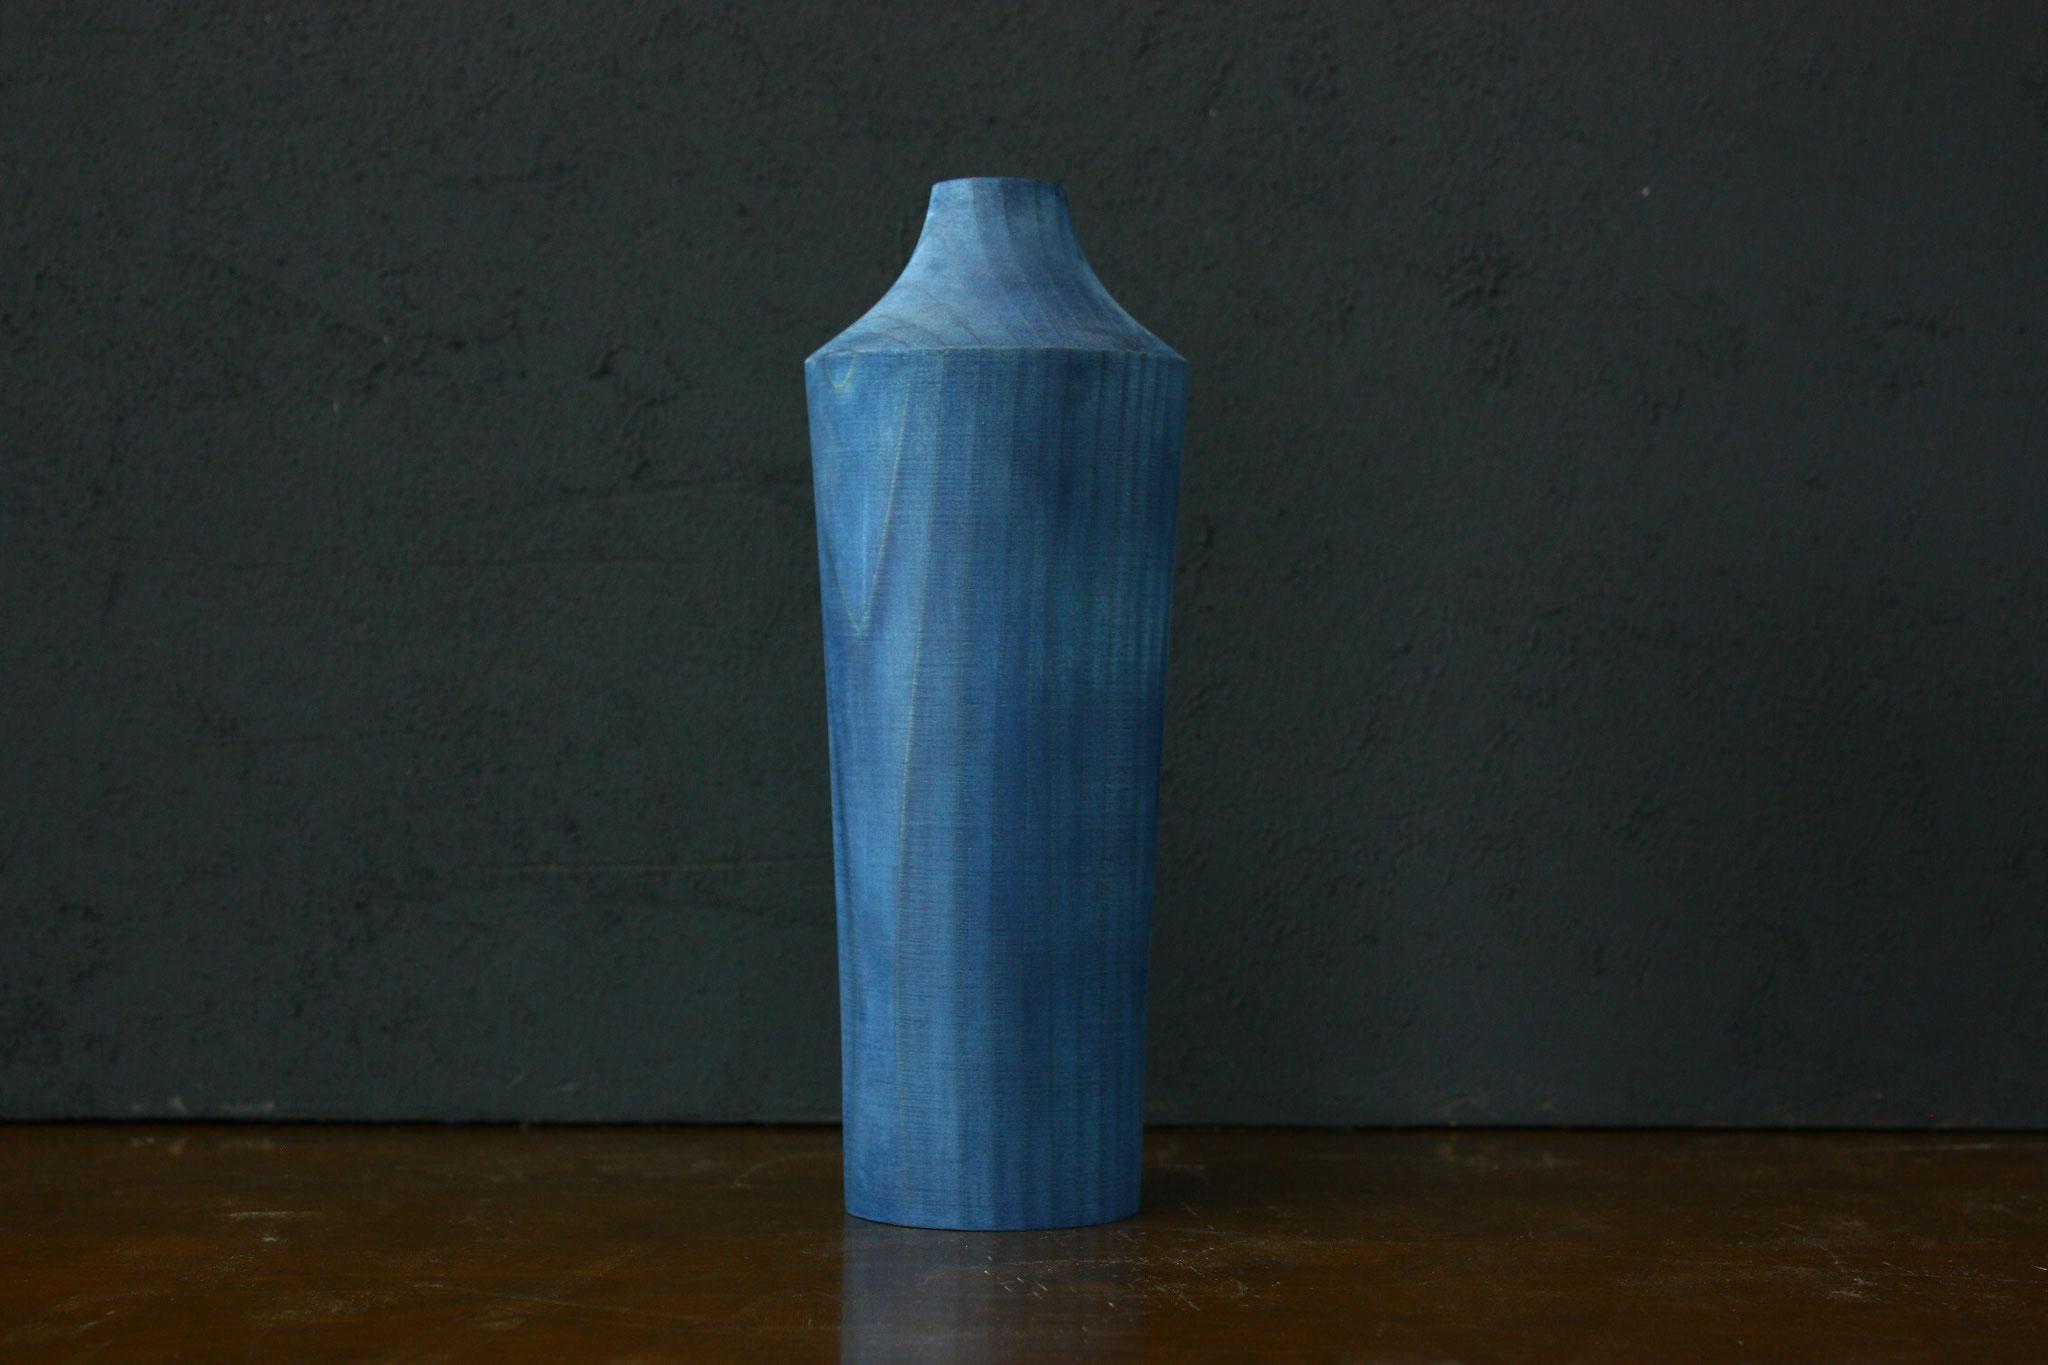 シダーベース 藍染め